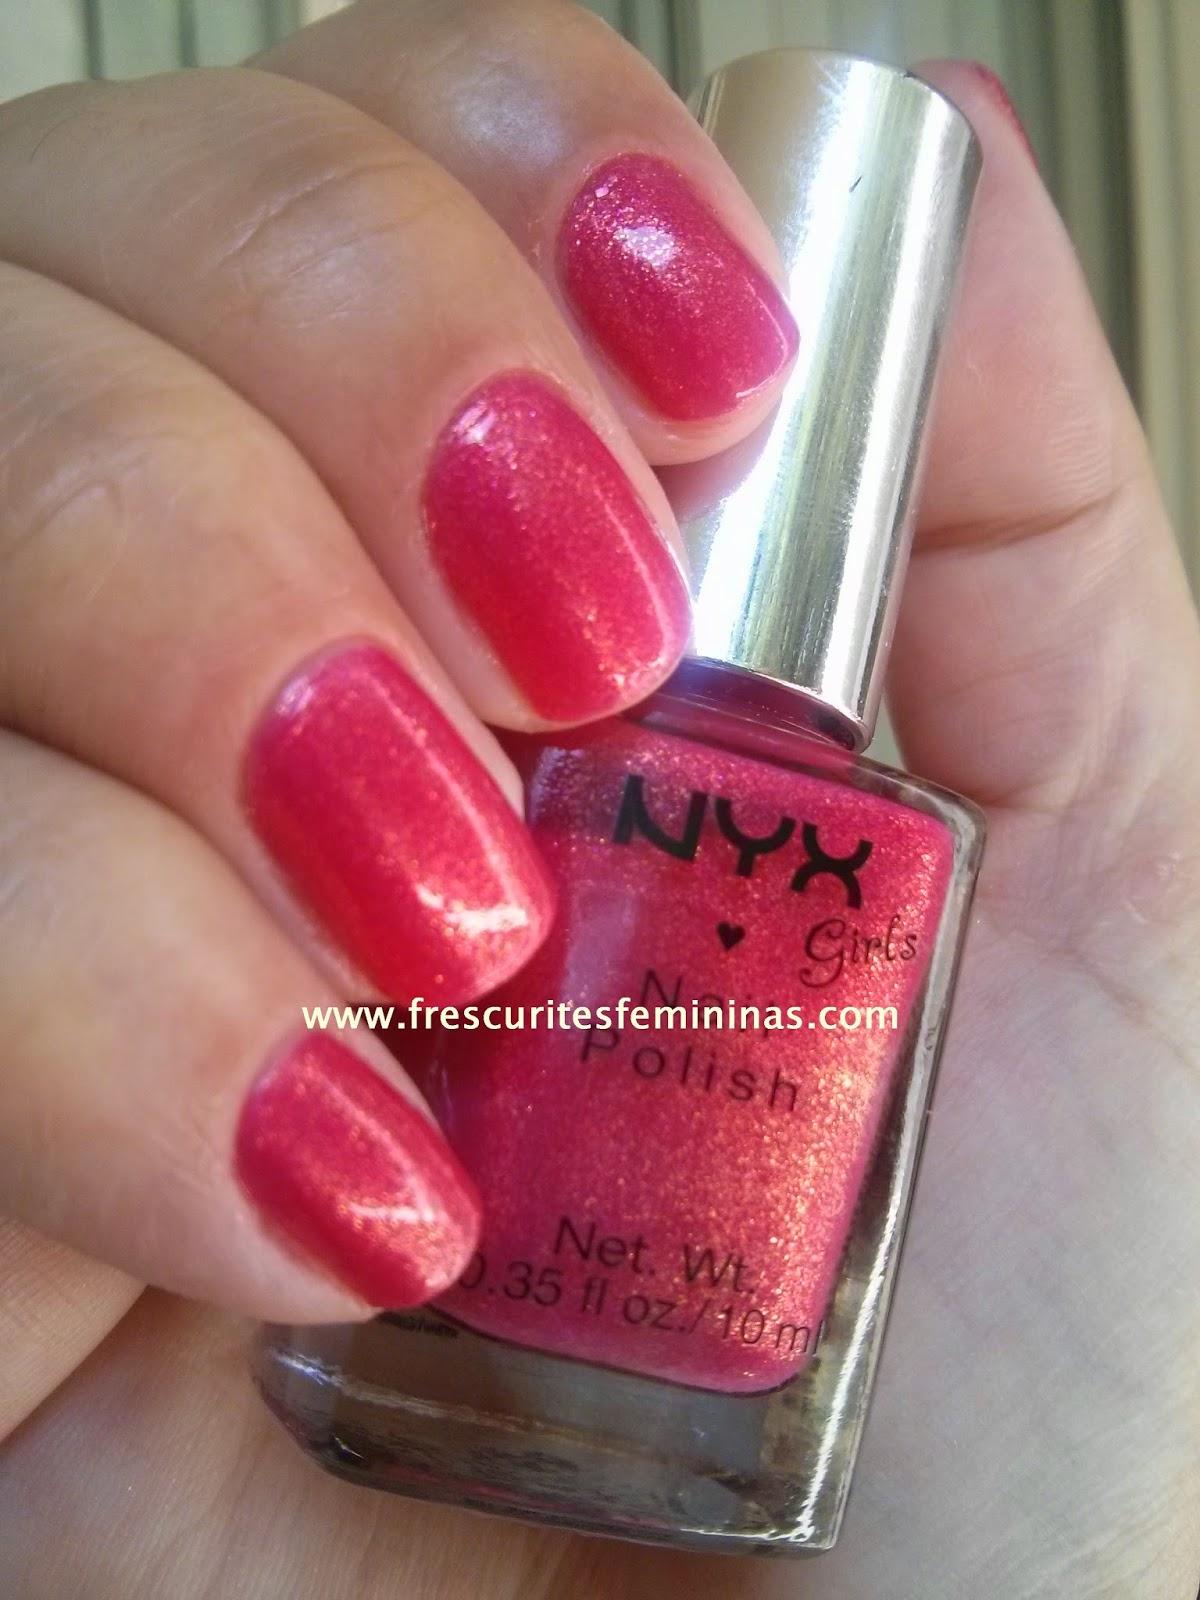 Nyx Girls, Frescurites Femininas